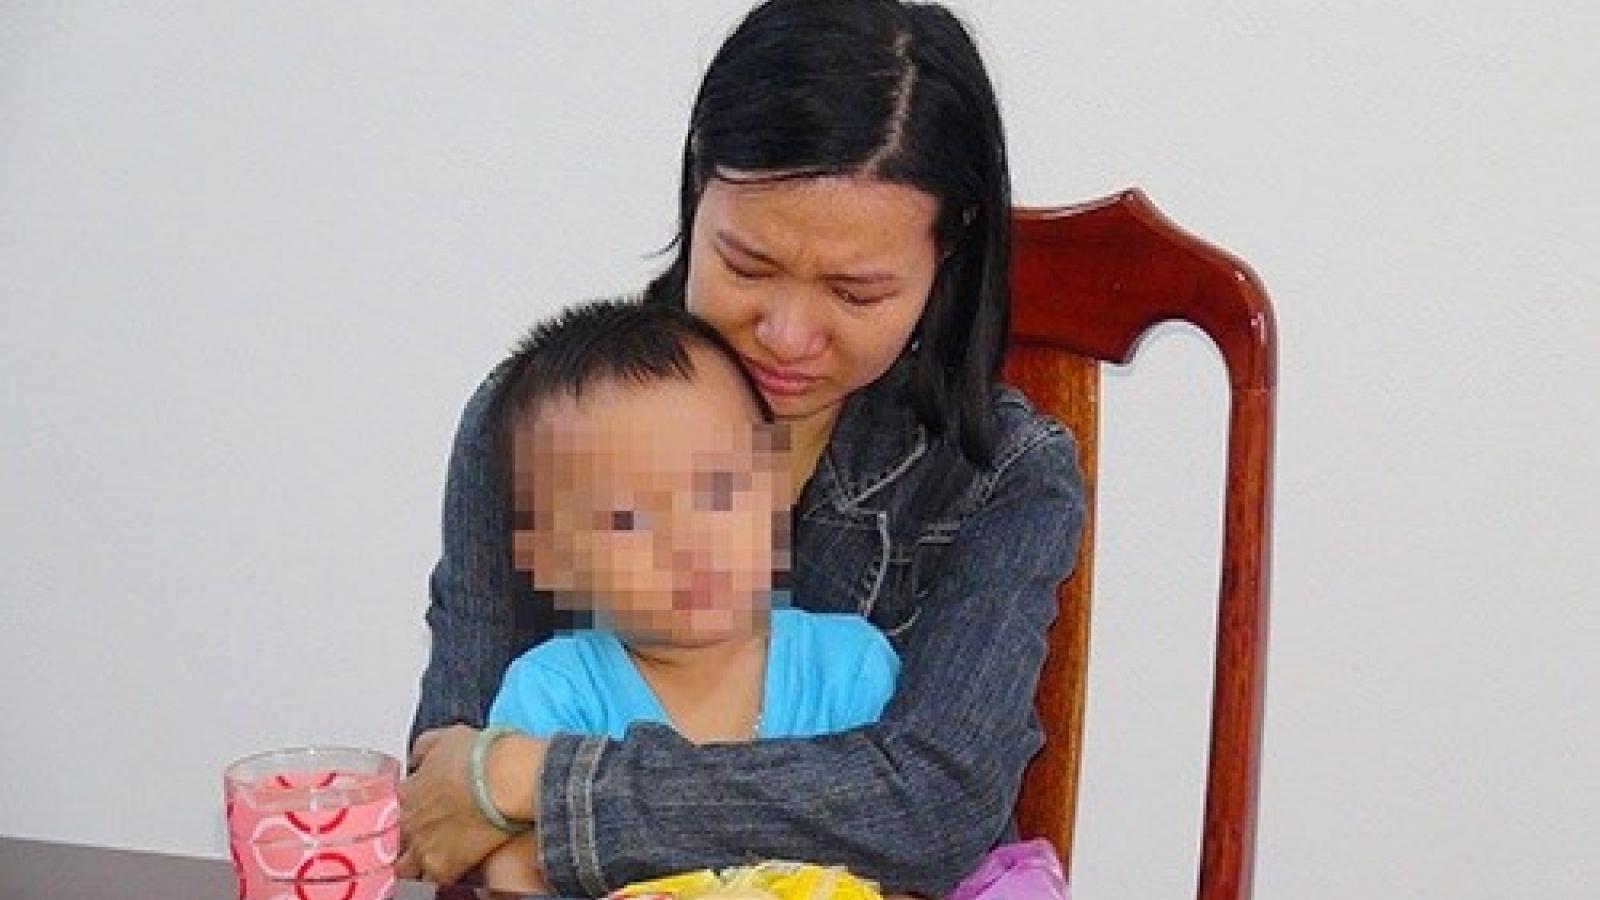 Lừa hơn 70 tỷ tiêu xài, người phụ nữ ở Quảng Nam đến công an đầu thú